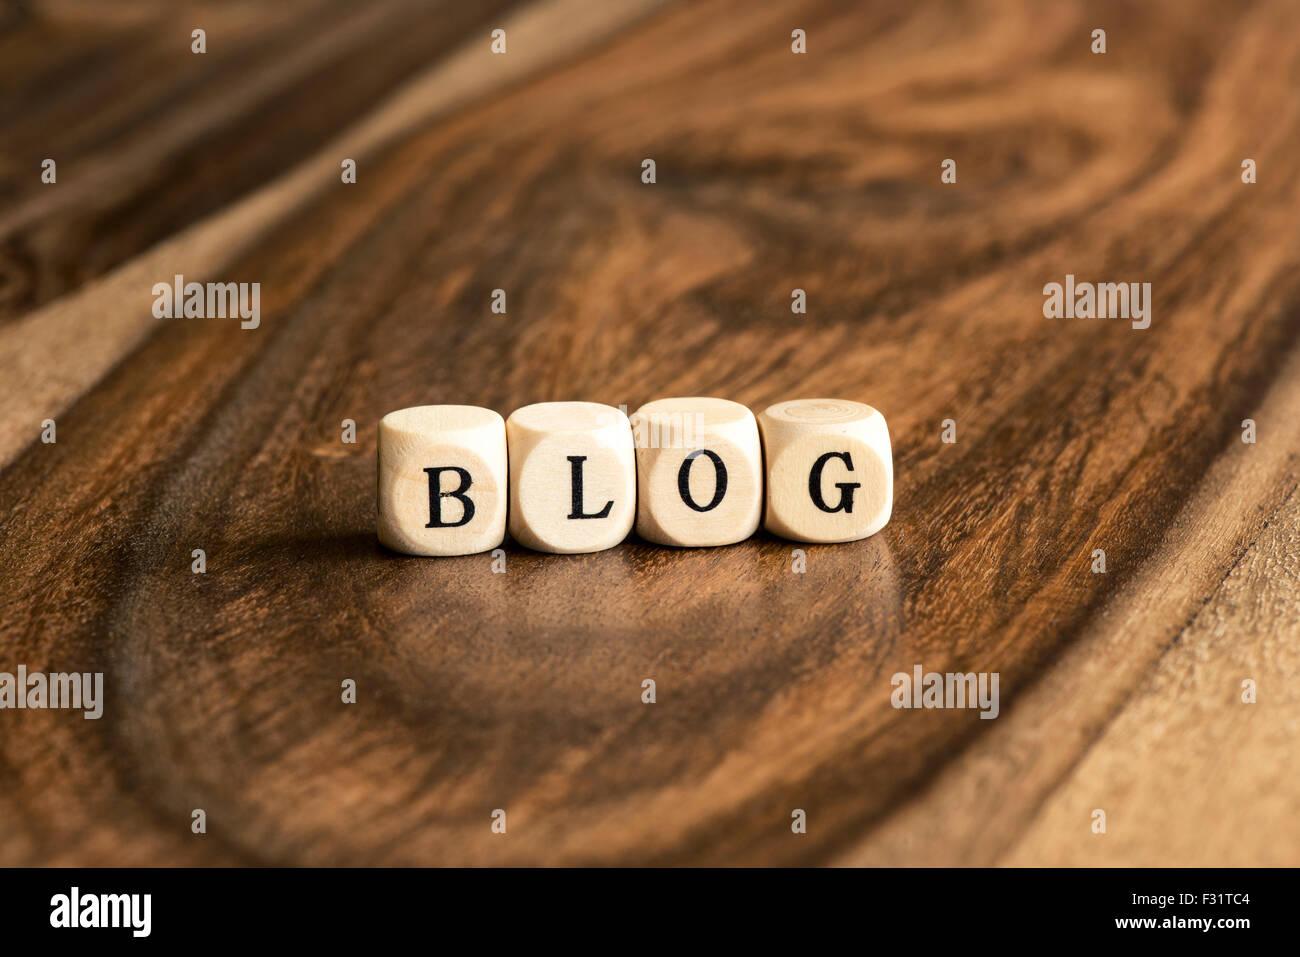 BLOG word background on wood blocks - Stock Image